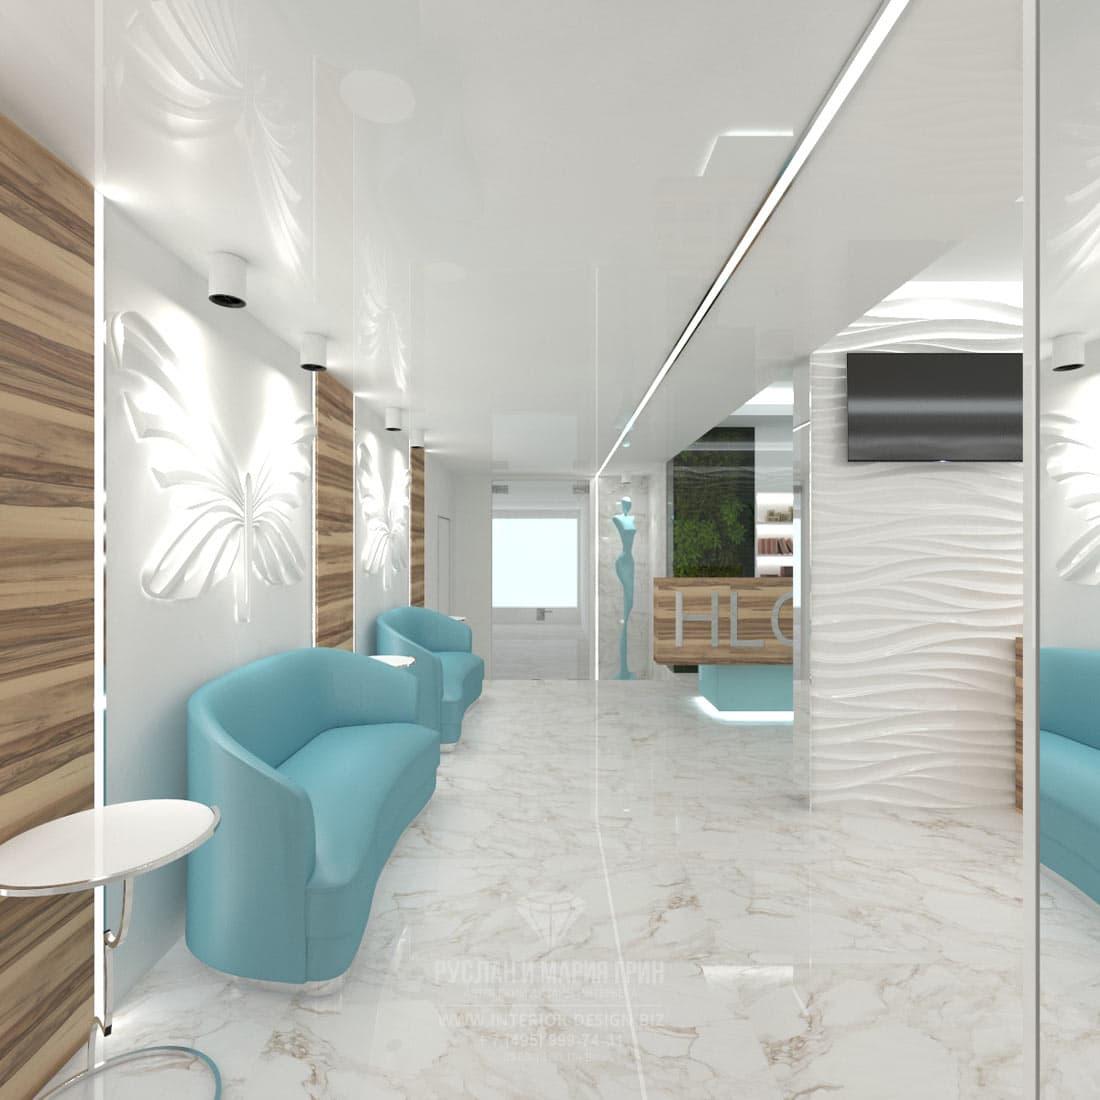 Дизайн интерьера современного салона красоты. Ресепшн и зона маникюра